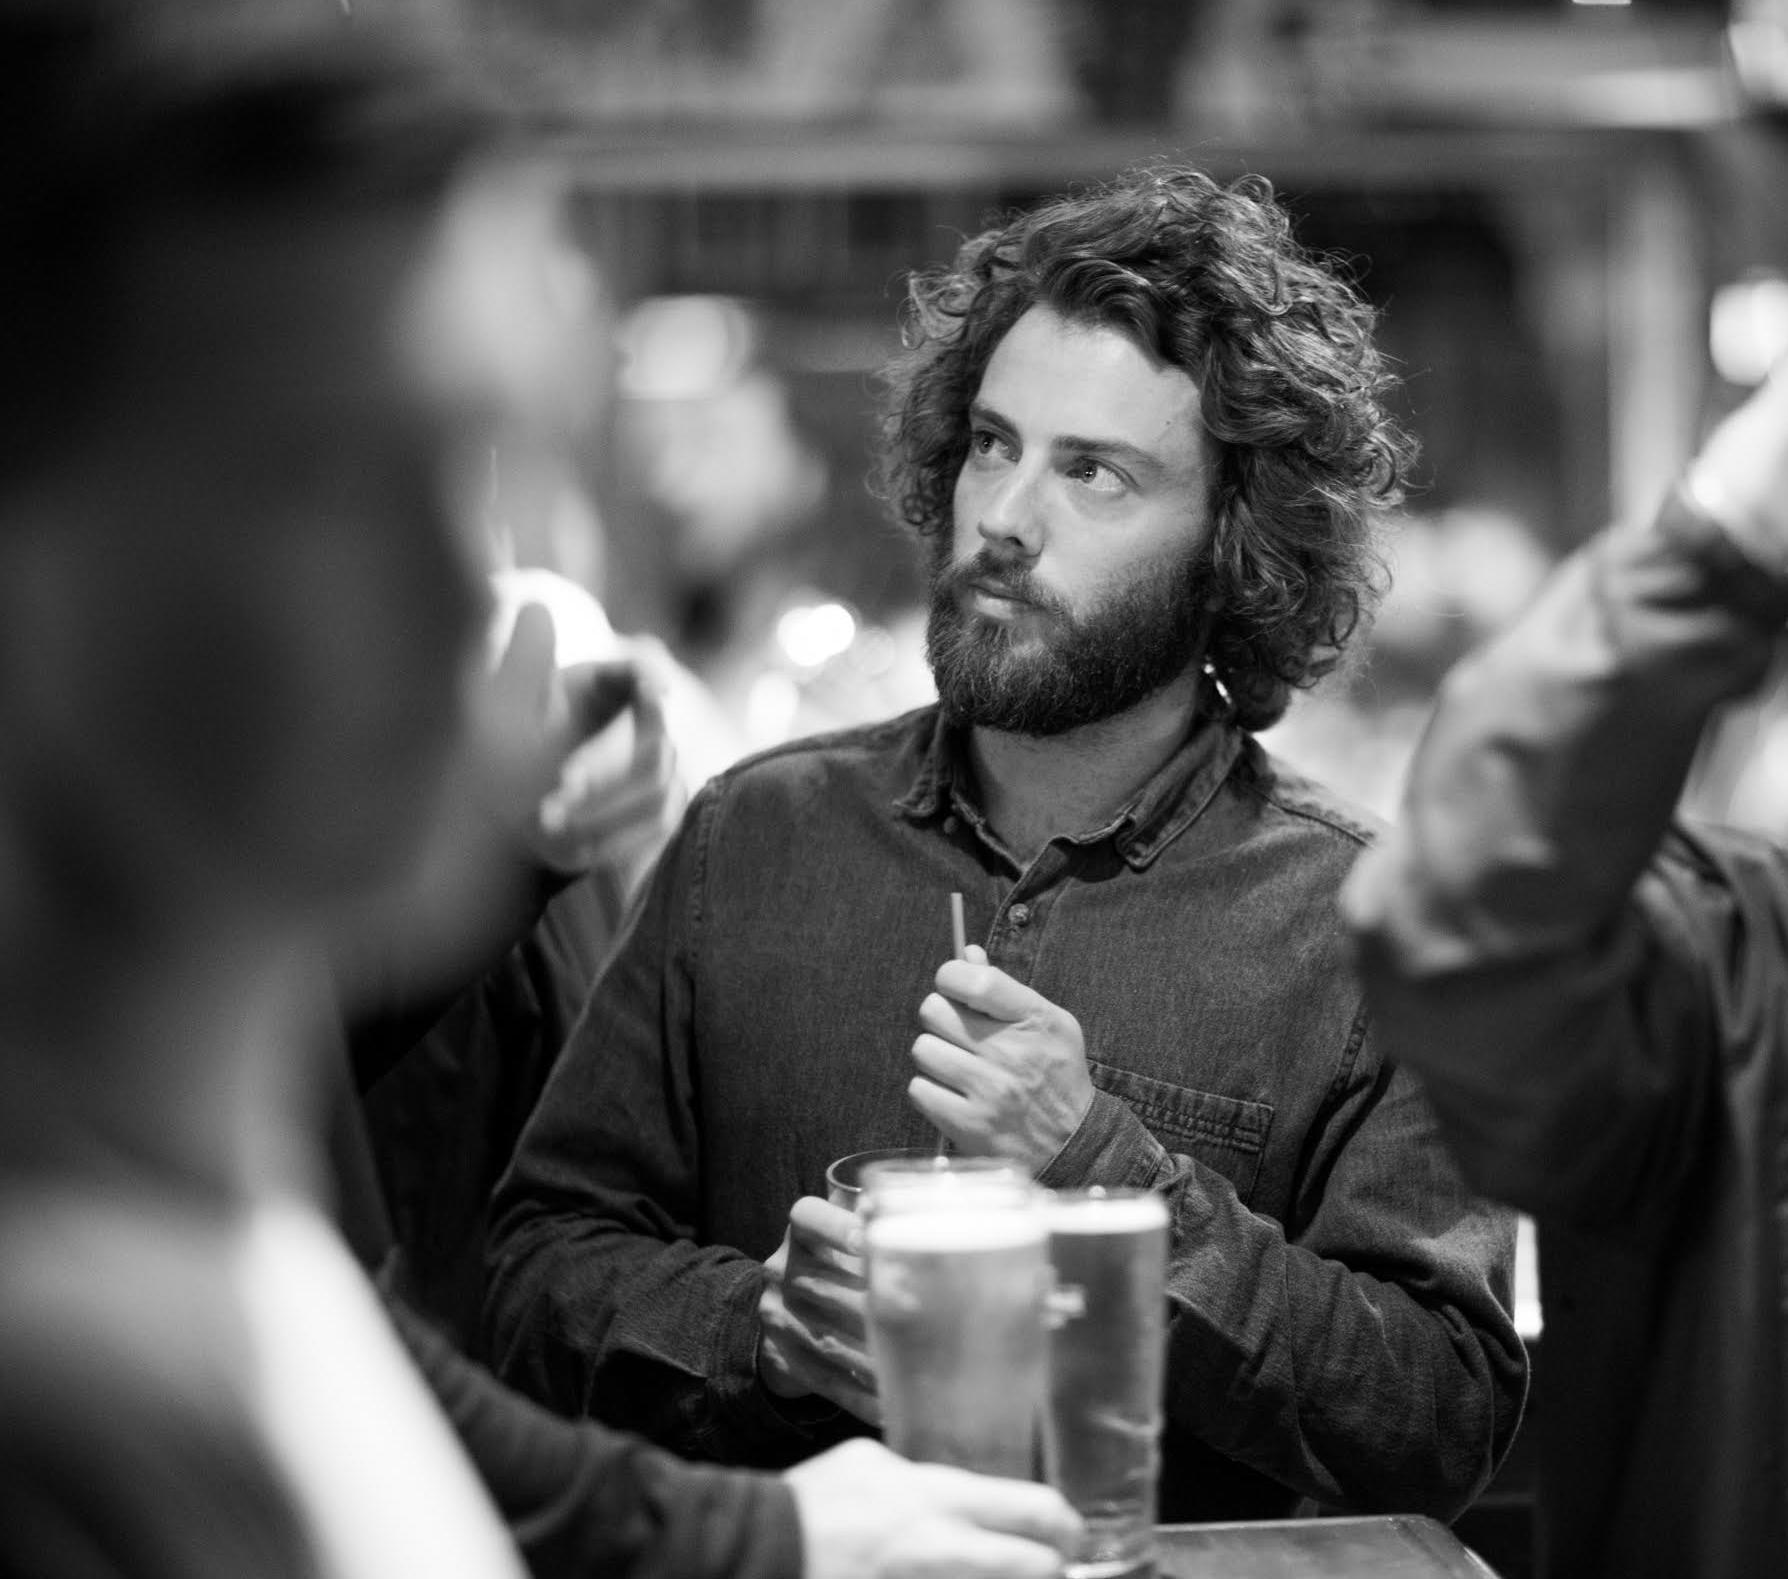 Thibault MENU - 28 ans, basé à Paris et Aix en ProvencePilote de drone, directeur de la photographie, réalisateur.Spécialisé dans les sports extrêmes, je m'ouvre au monde de la publicité, documentaire, brand content, fiction.J'aime apporter un côté cinématique et authentique à mes images.